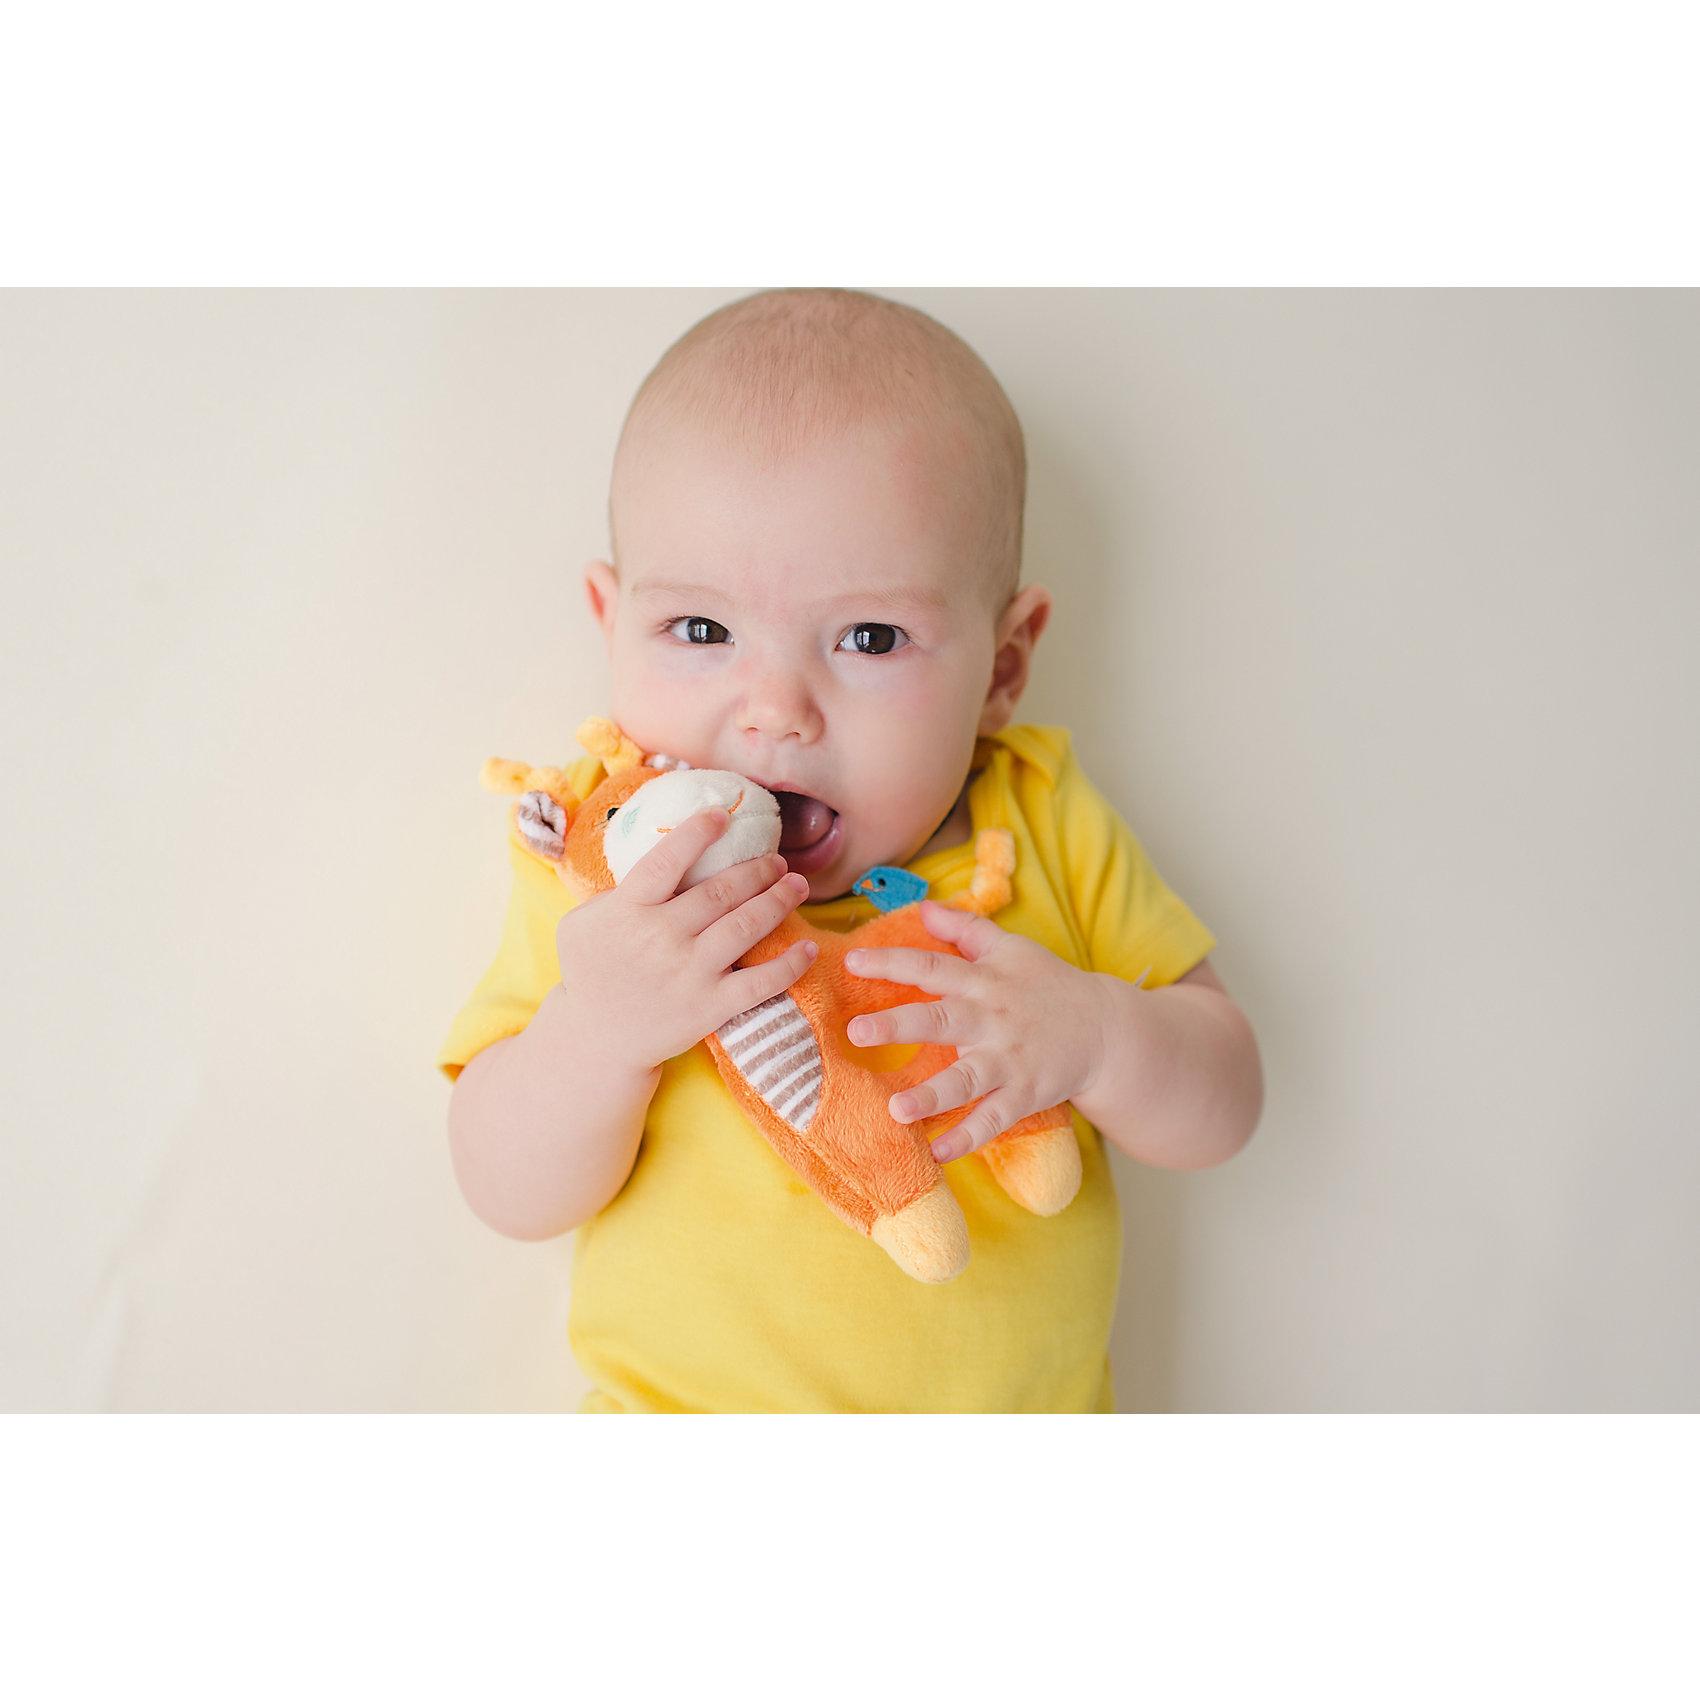 Погремушка Жираф, Zoocchini, оранжевыйПогремушка Жираф, Zoocchini, оранжевый.<br><br>Характеристики:<br><br>- Материал: полиэстер<br>- Цвет: оранжевый<br>- Высота игрушки: 17,5 см.<br><br>Мягкая, приятная на ощупь погремушка в виде забавного жирафа заставит вашего ребёнка улыбаться! Яркий цвет, приятный звук погремушки будут способствовать развитию слухового и цветового восприятия, мелкой моторики рук и концентрации внимания малыша. Погремушка Жираф составит прекрасную пару одеялу с игрушкой Zoocchini.<br><br>Погремушку Жираф, Zoocchini, оранжевую можно купить в нашем интернет-магазине.<br><br>Ширина мм: 120<br>Глубина мм: 75<br>Высота мм: 205<br>Вес г: 72<br>Возраст от месяцев: 0<br>Возраст до месяцев: 12<br>Пол: Унисекс<br>Возраст: Детский<br>SKU: 5392936